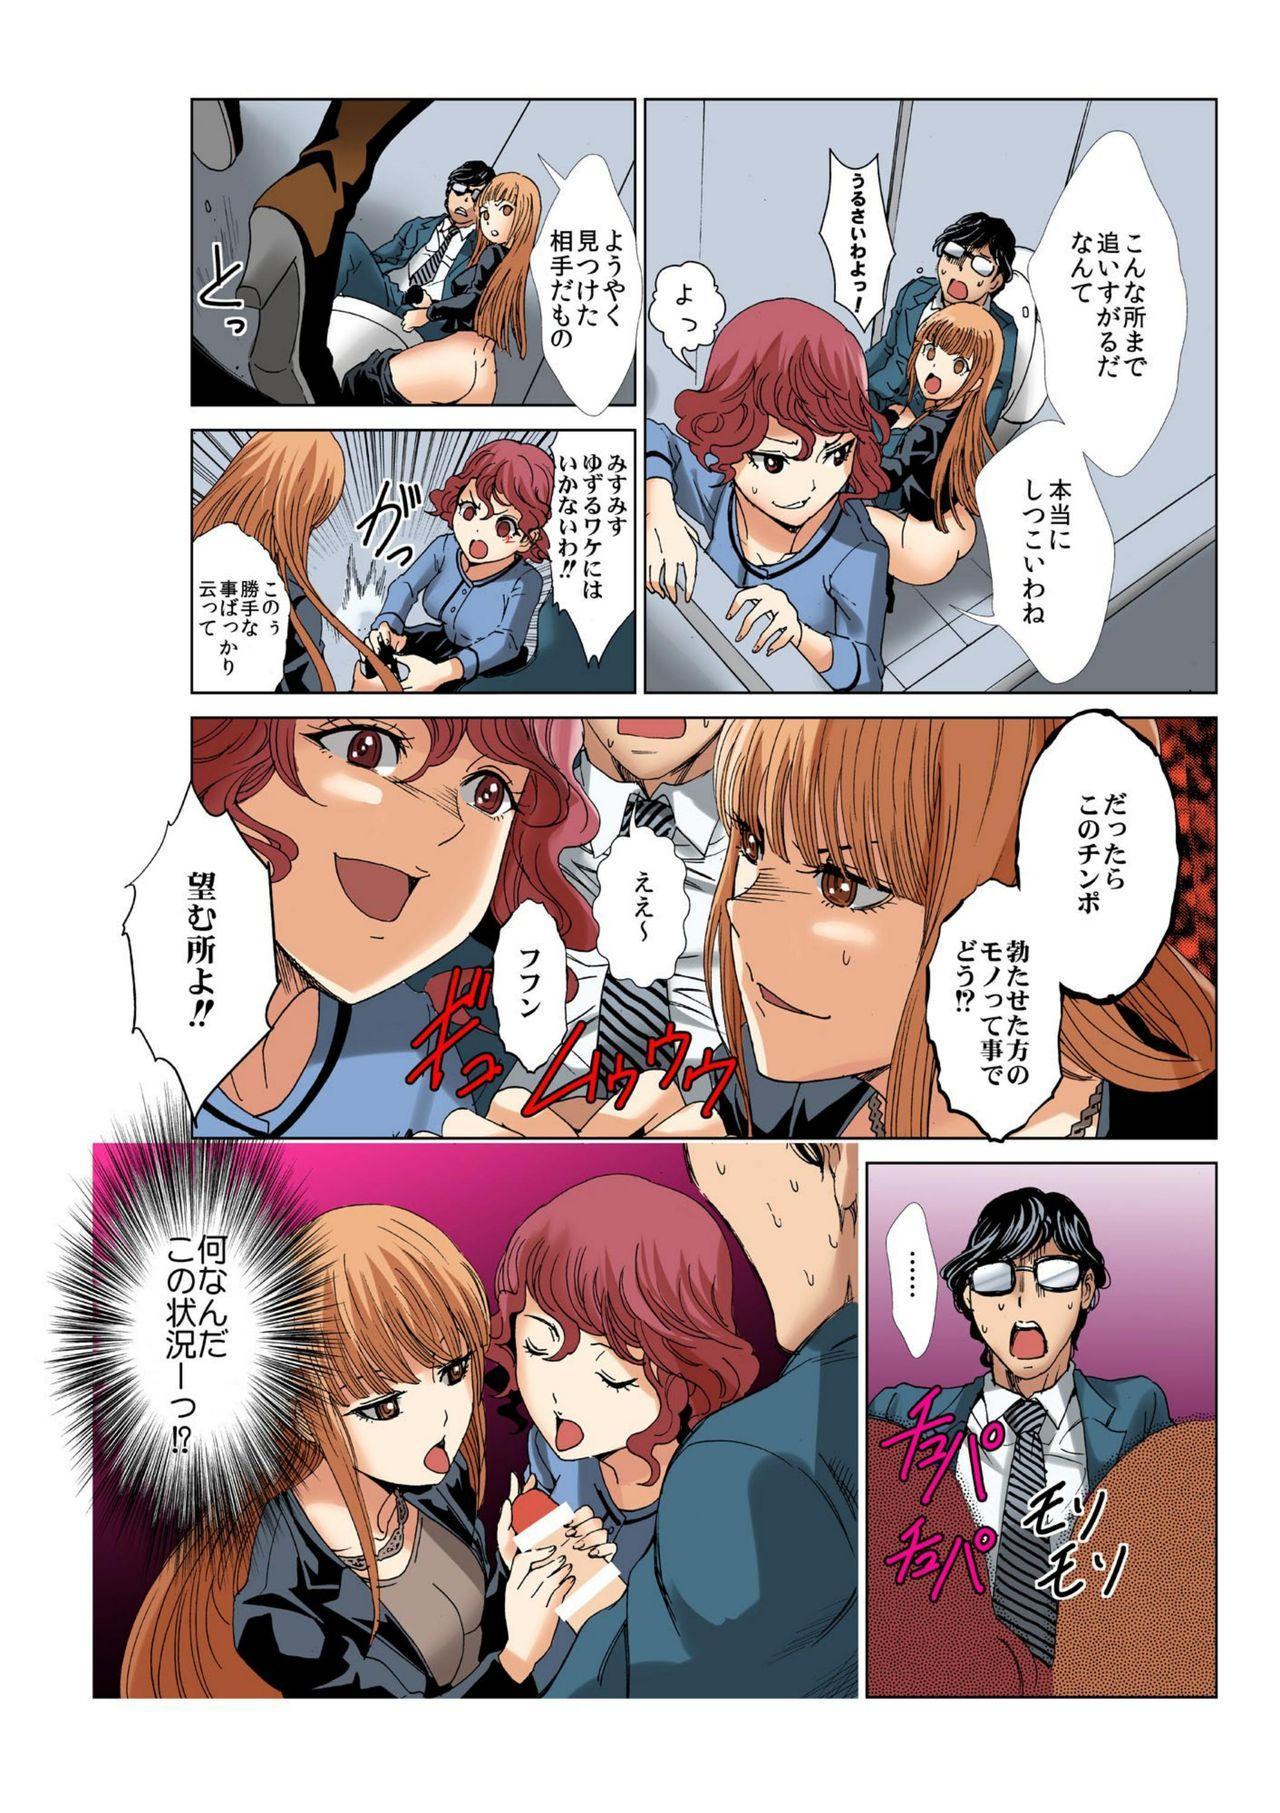 [Rurukichi] Seishi ga Kane ni Naru Jidai ~Mesubuta ga Muragaru Ore-sama no Kokan~ 1 14